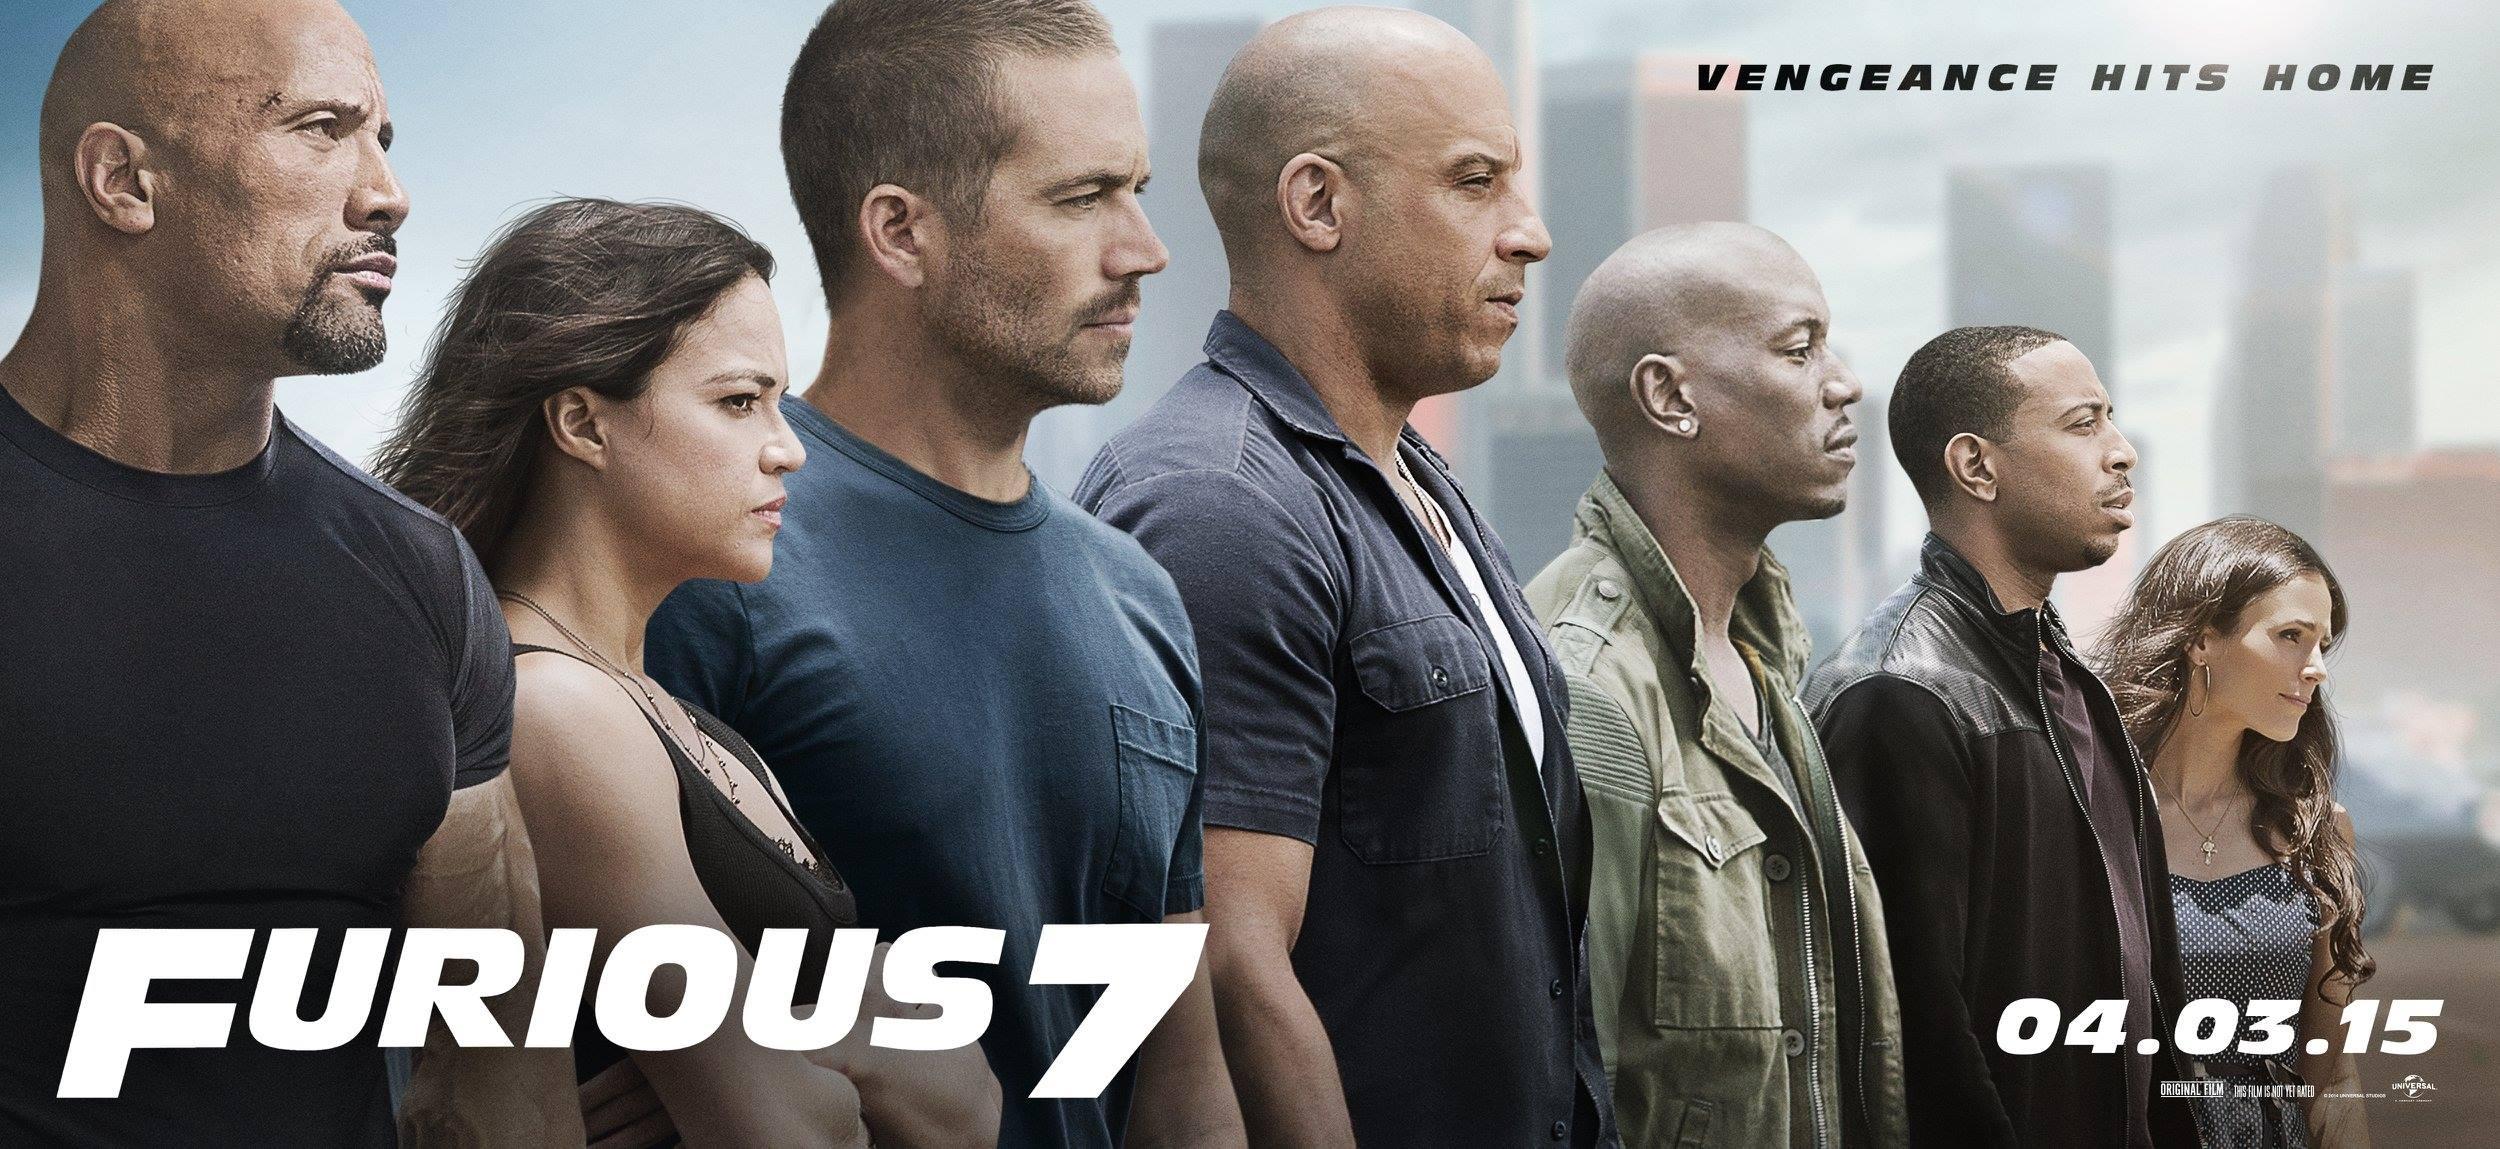 fast-furious-7-kinostart-trailer-03